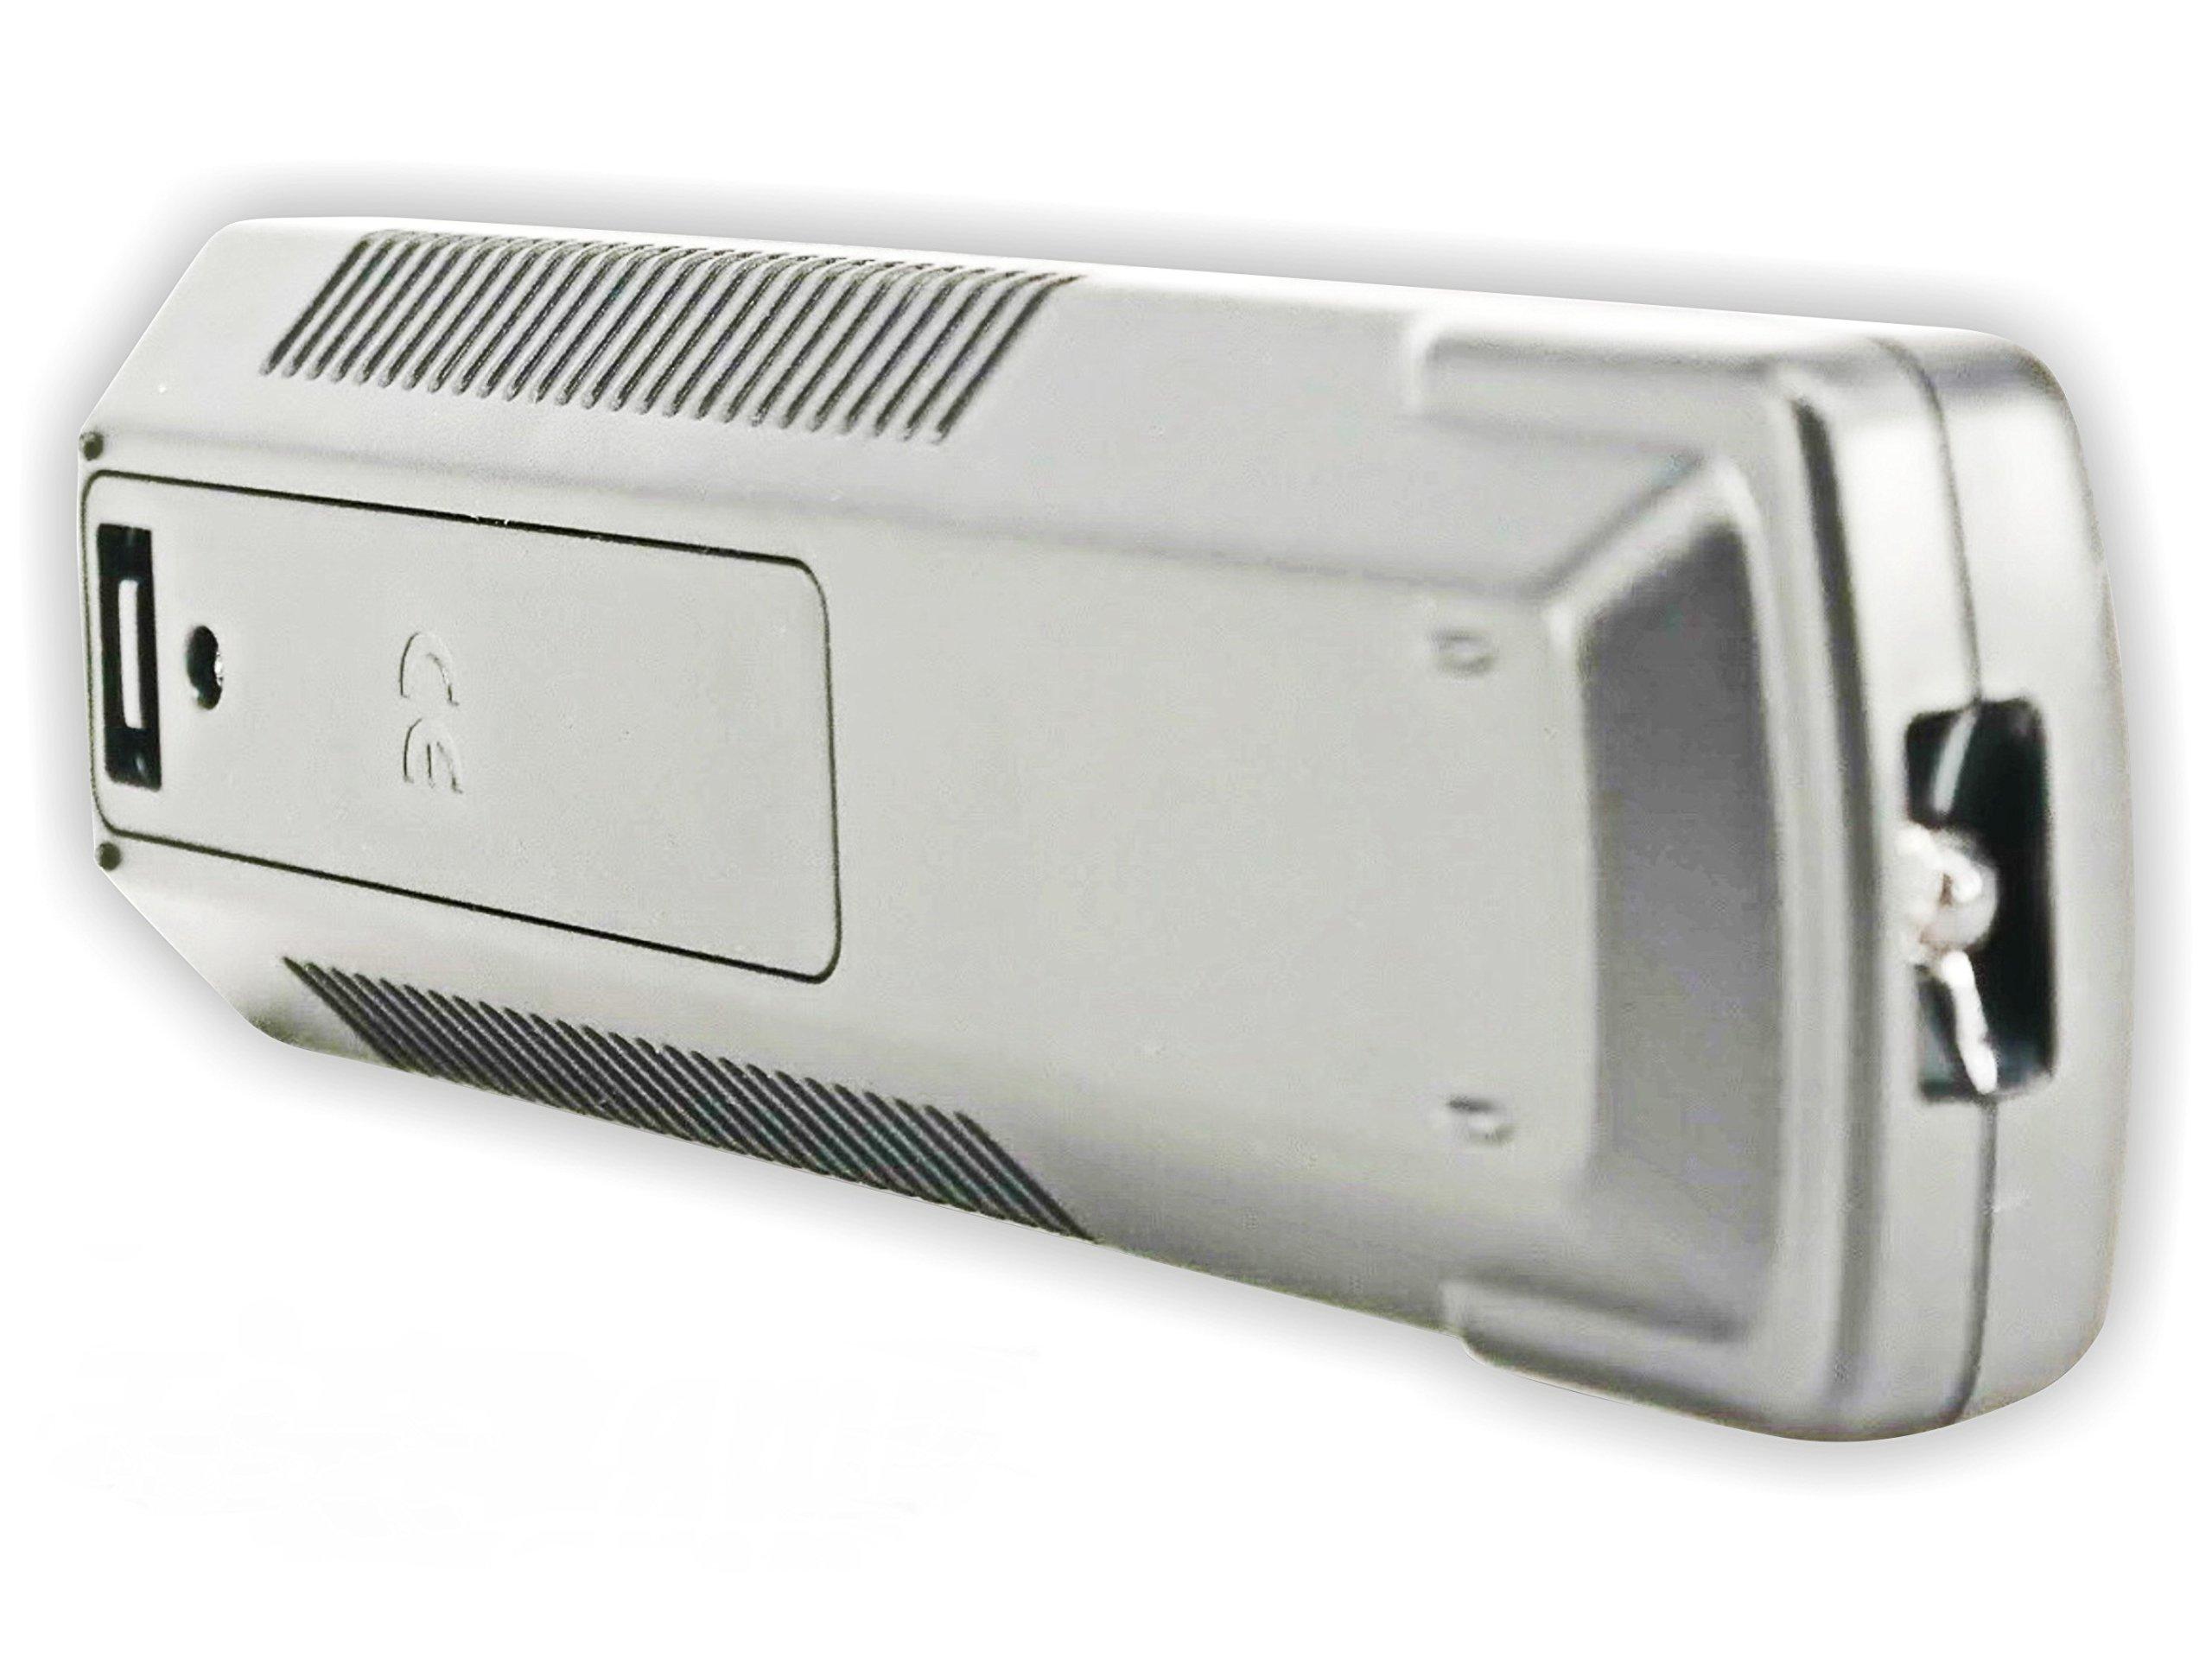 Anthem MRX-700 TeKswamp Remote Control by Tekswamp (Image #6)